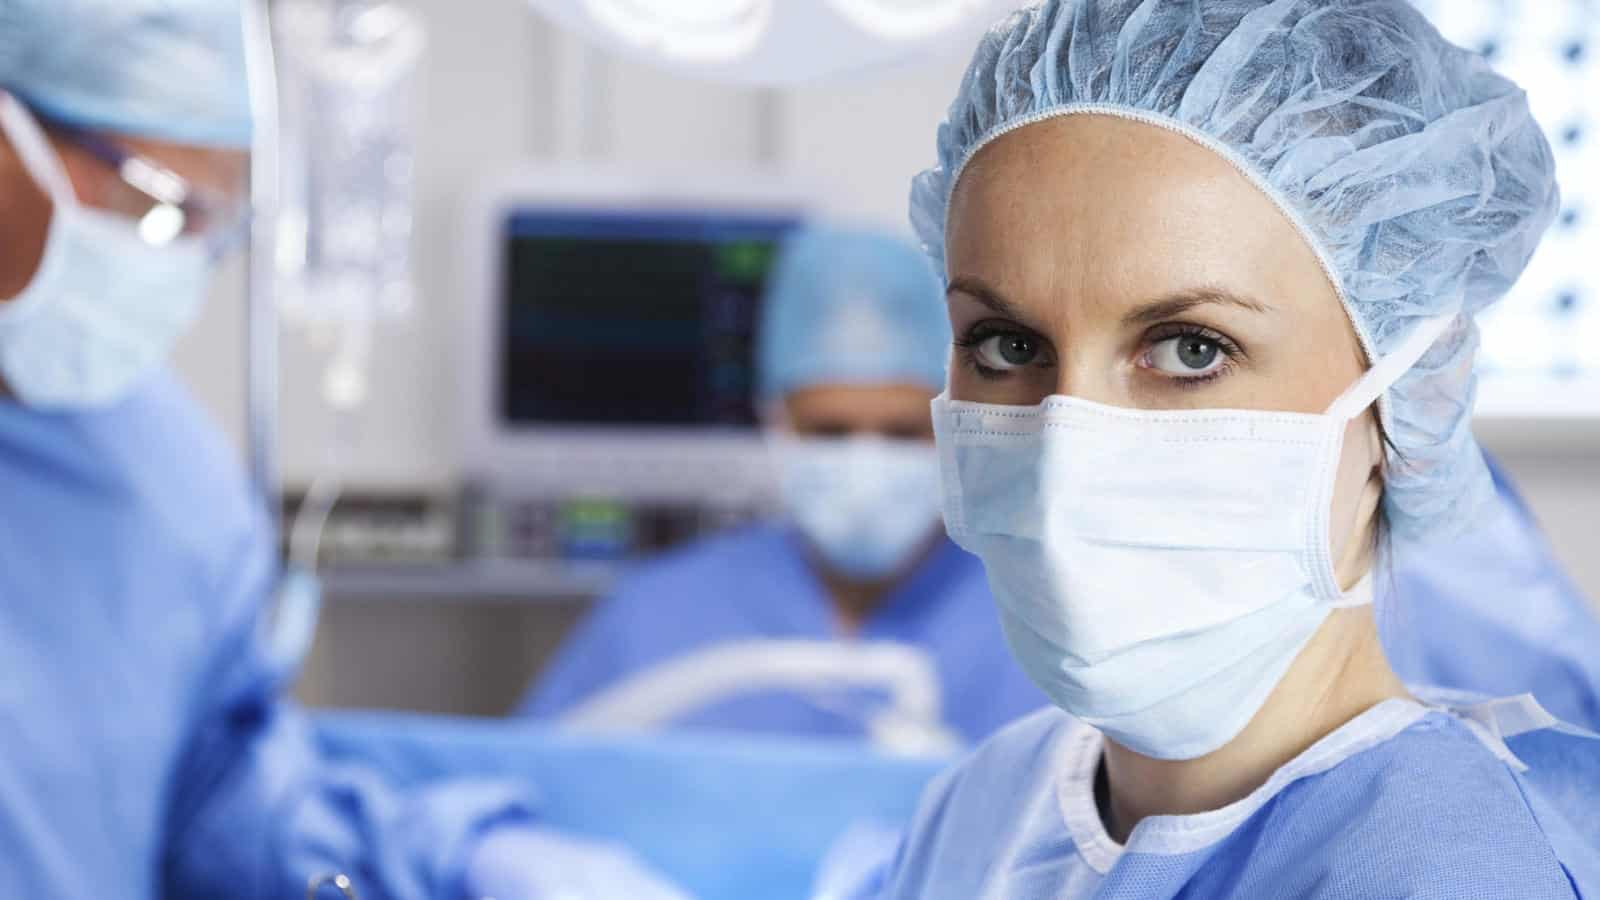 medicos y enfermeras esto es lo que de verdad ocurre en su relacion cotidiana